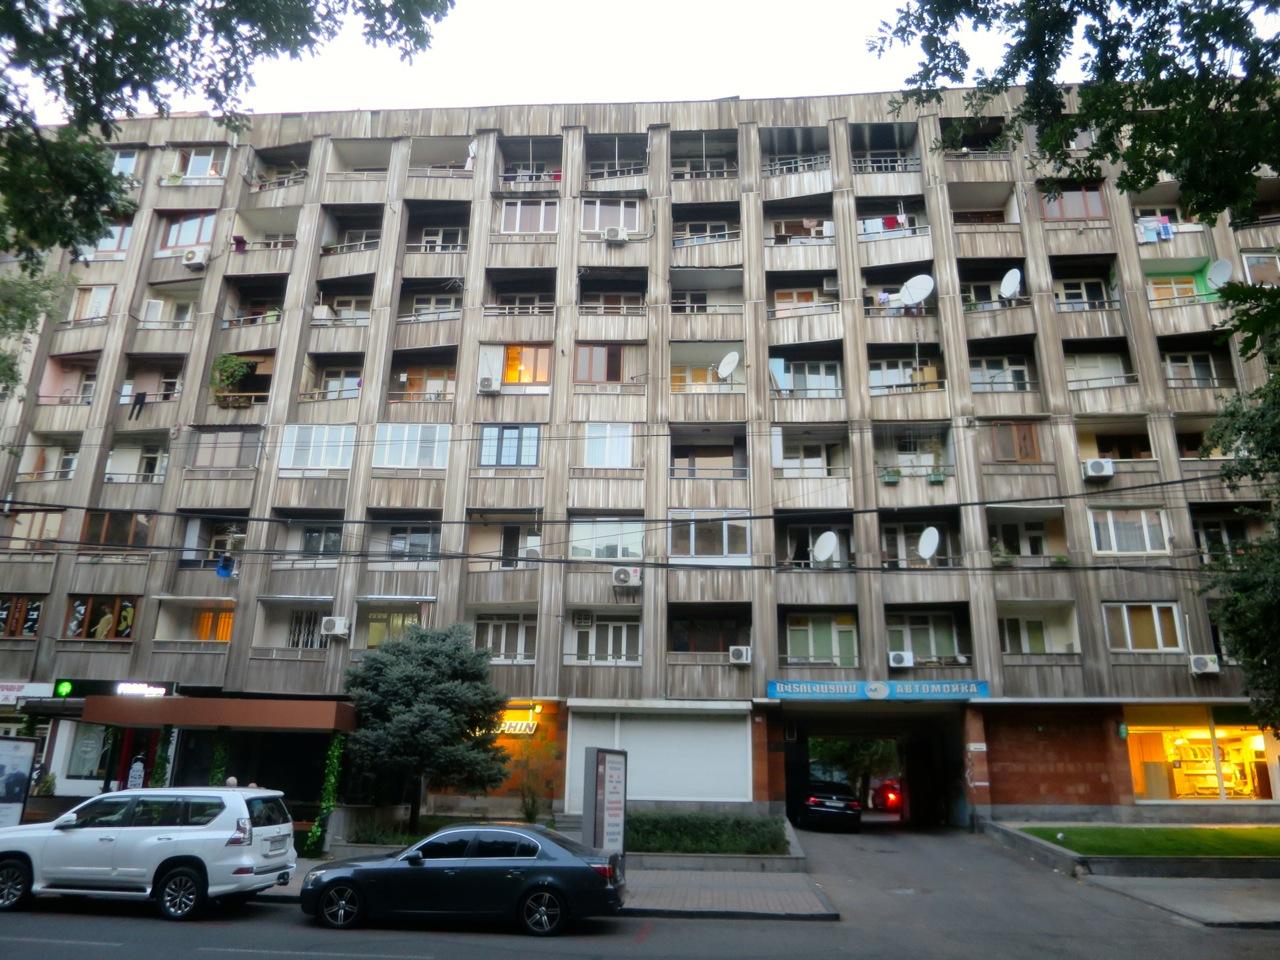 Erevan 1 26